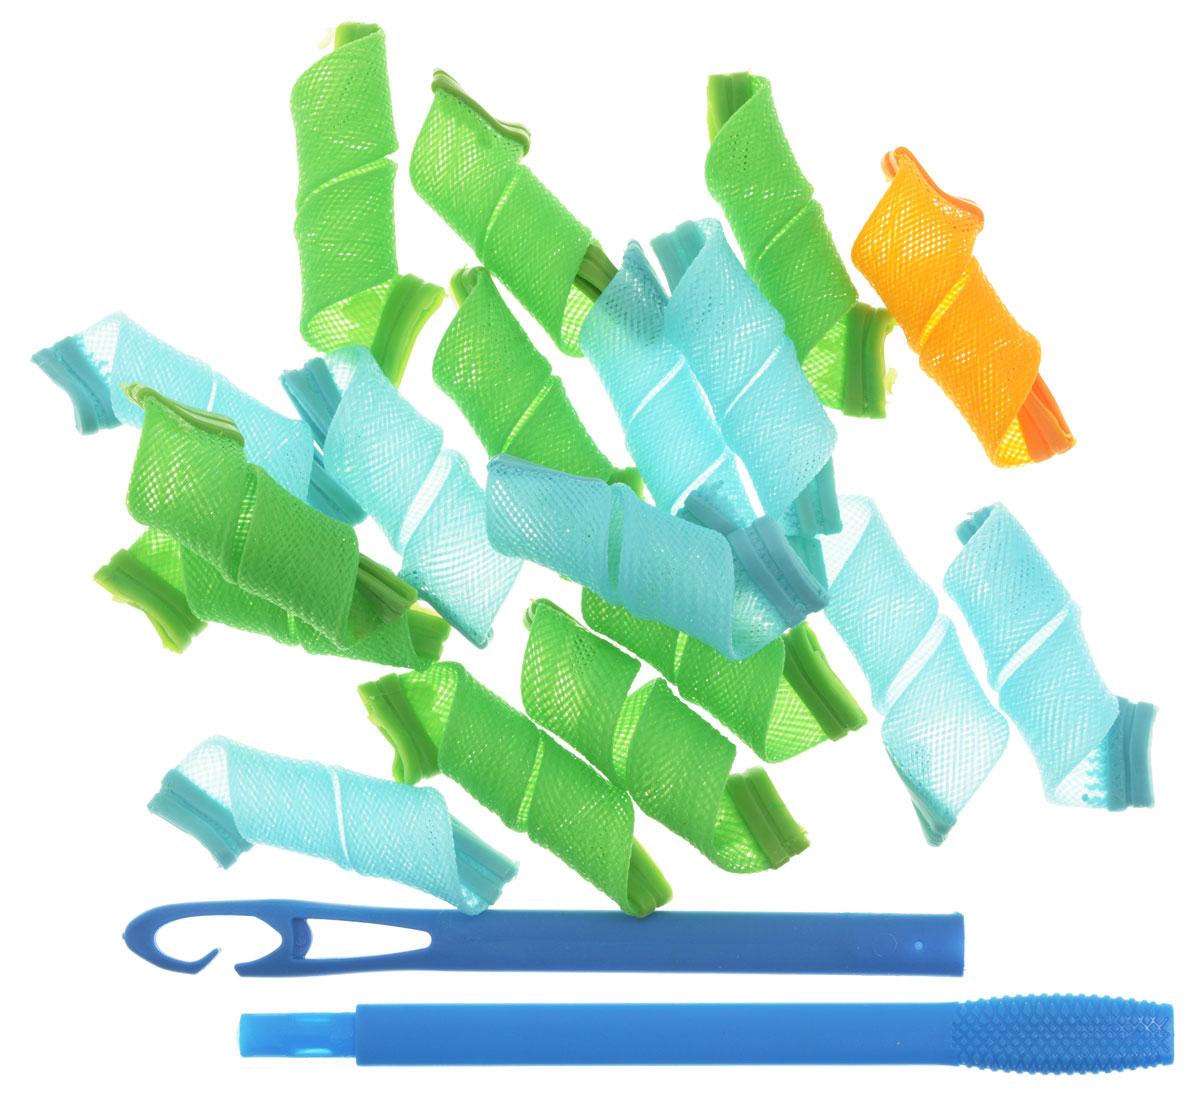 Magic Leverag Бигуди маленькие, 18 х 15 см, цвет: зеленый, голубой, оранжевыйМ15_зеленый,голубой,оранжевый